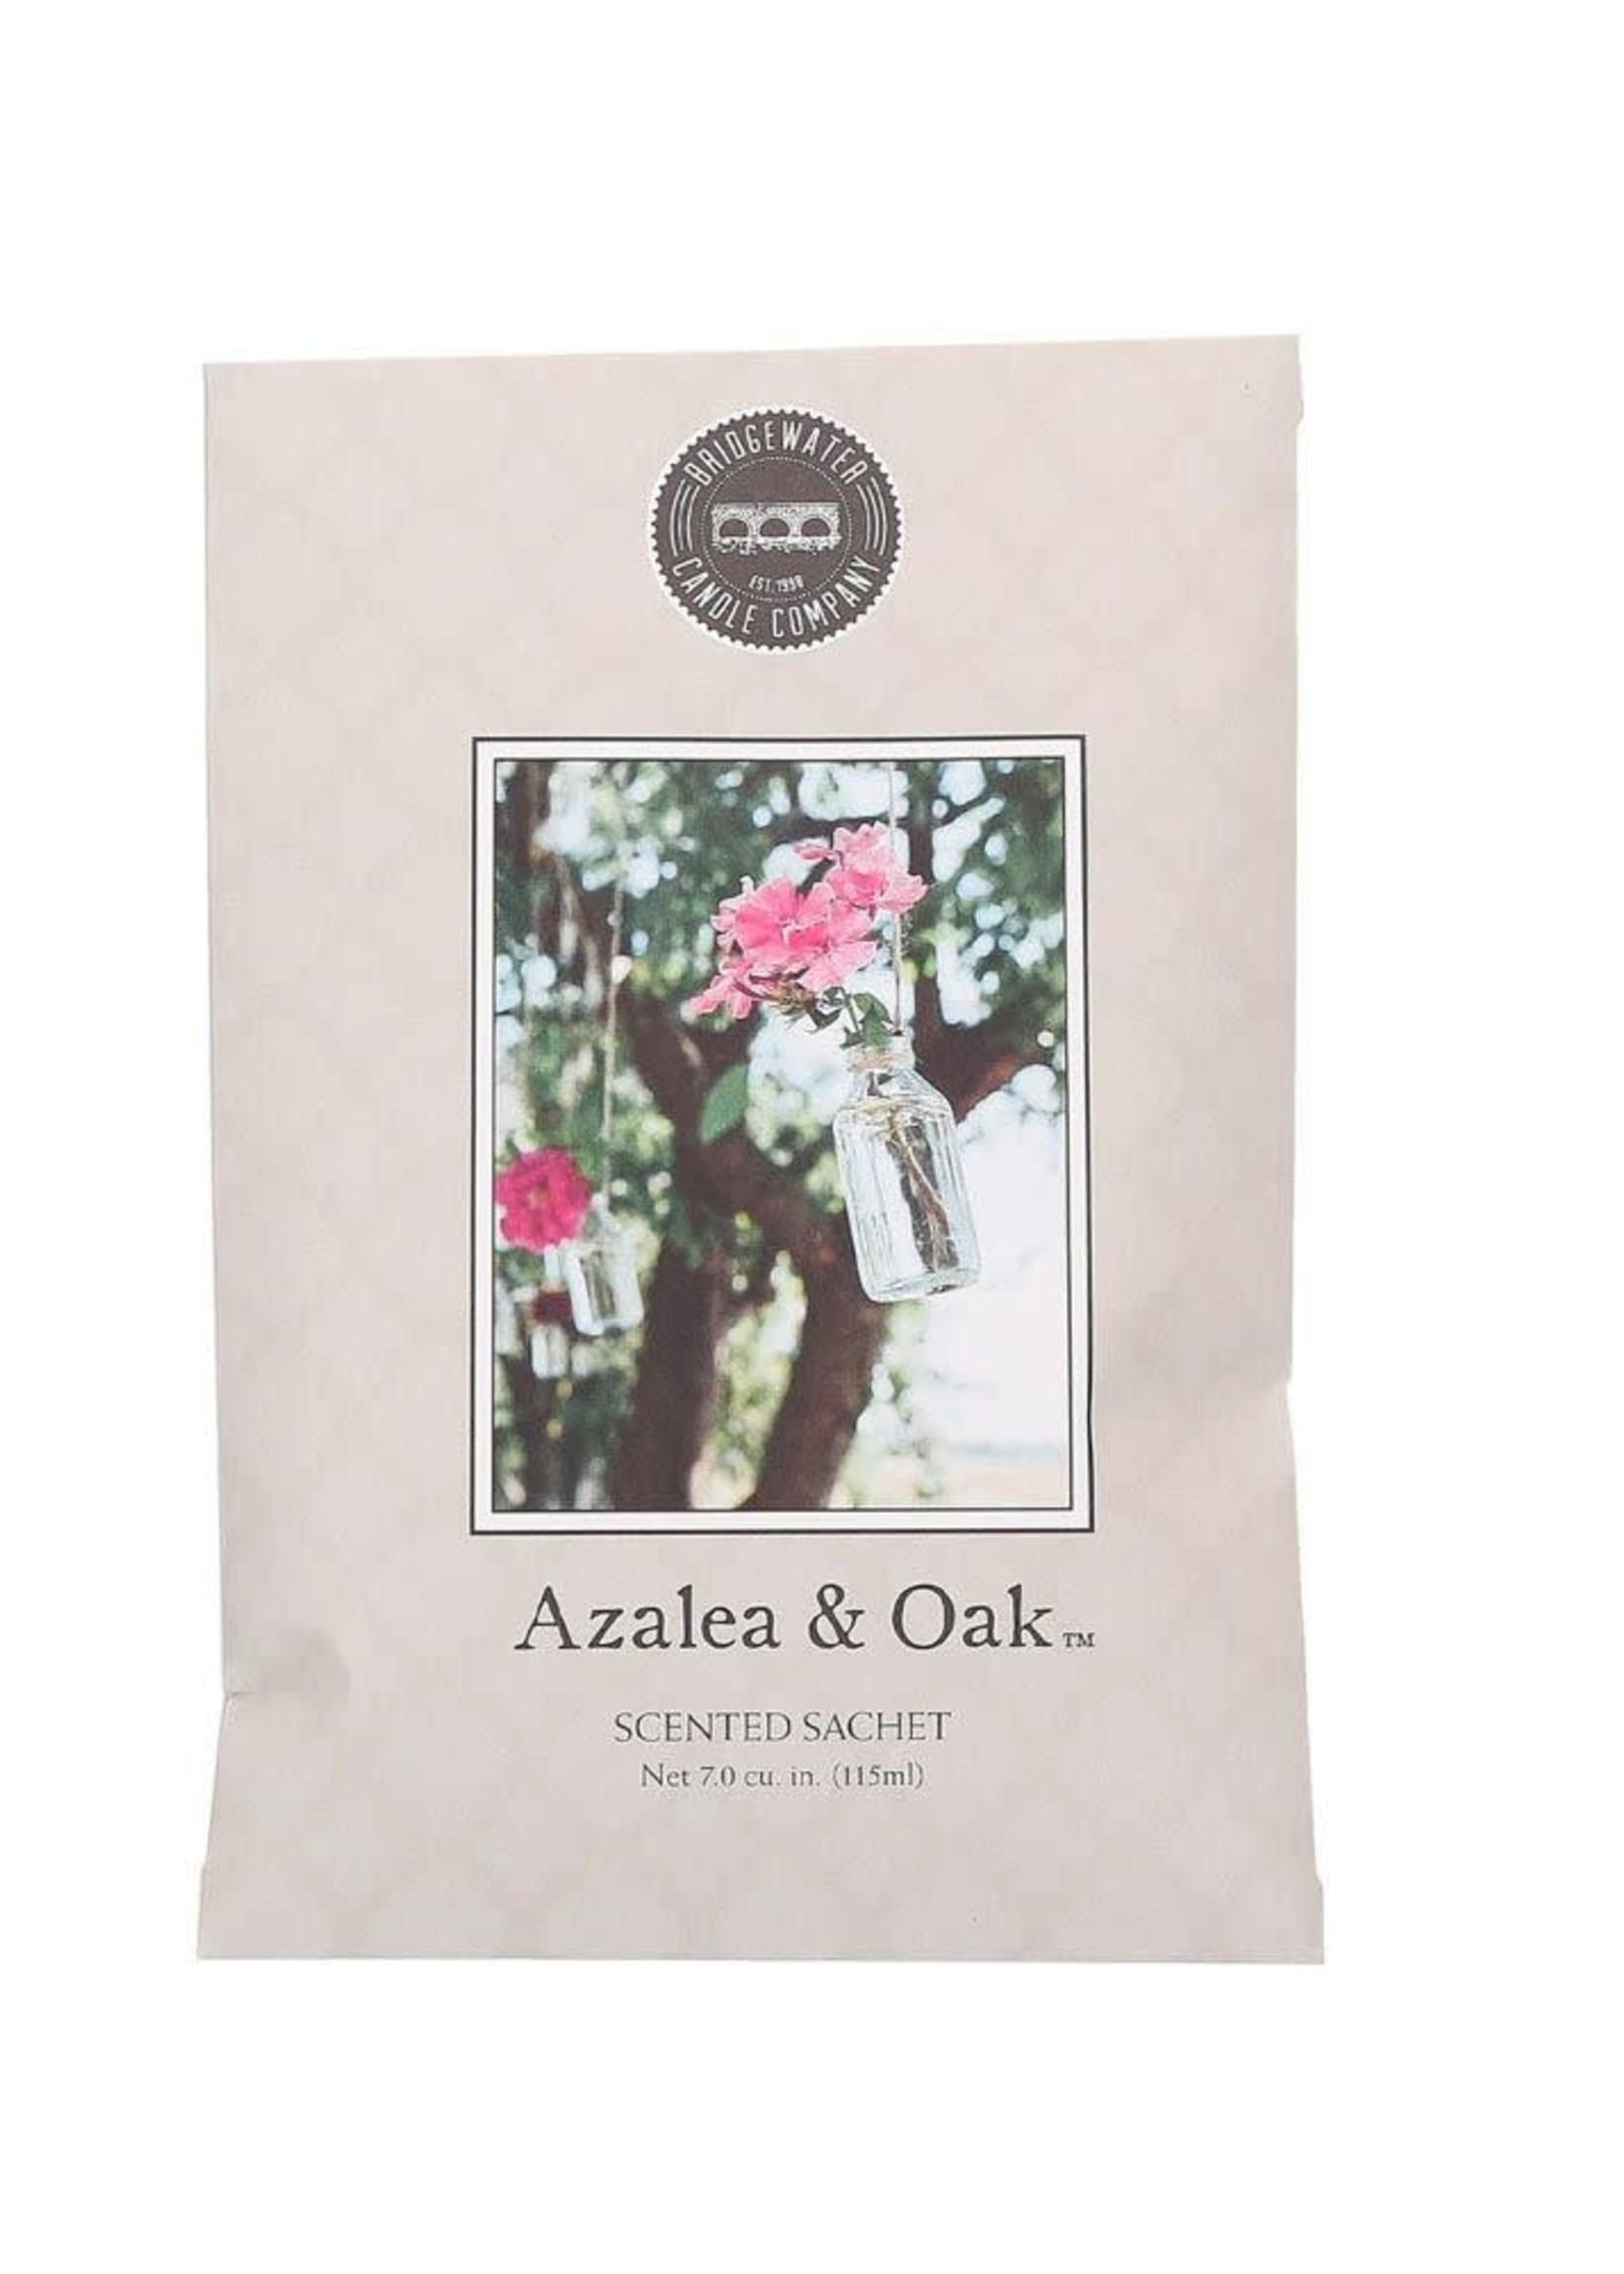 Scented Sachet Azalea & Oak